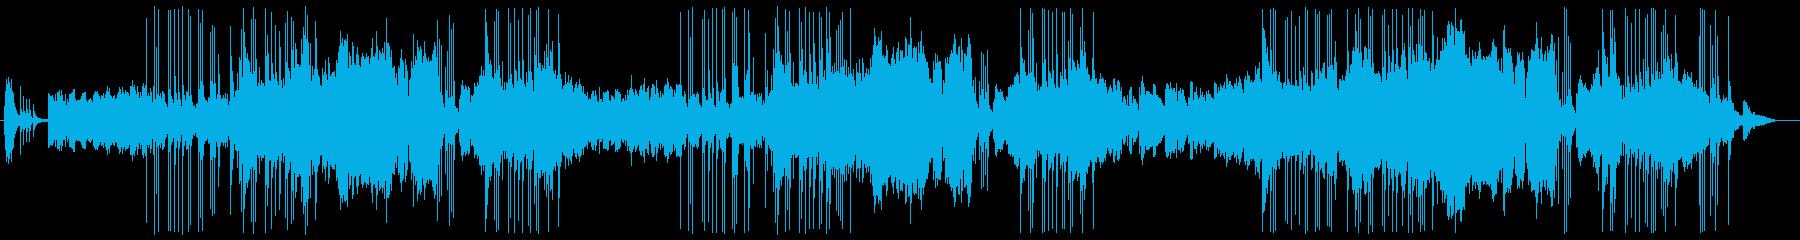 三味線と笛による和風曲の再生済みの波形